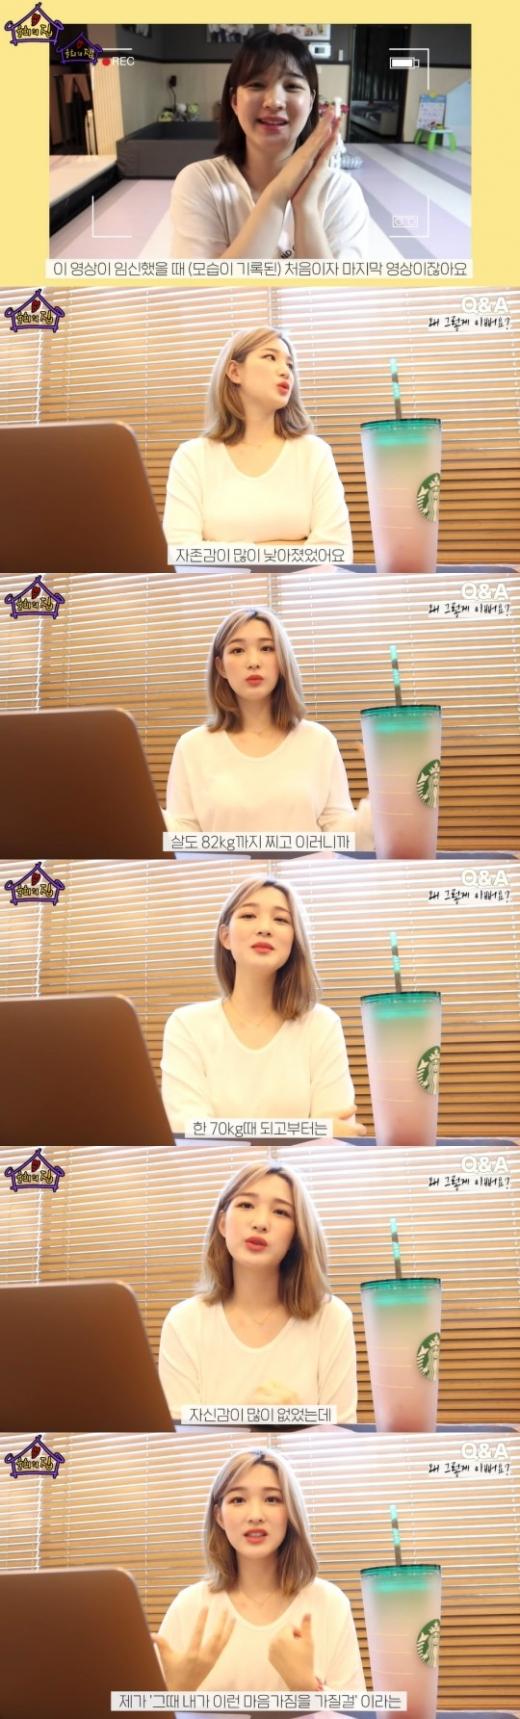 걸그룹 라붐 출신 율희가 다이어트 비법을 공개했다. /사진=율희 유튜브 캡처